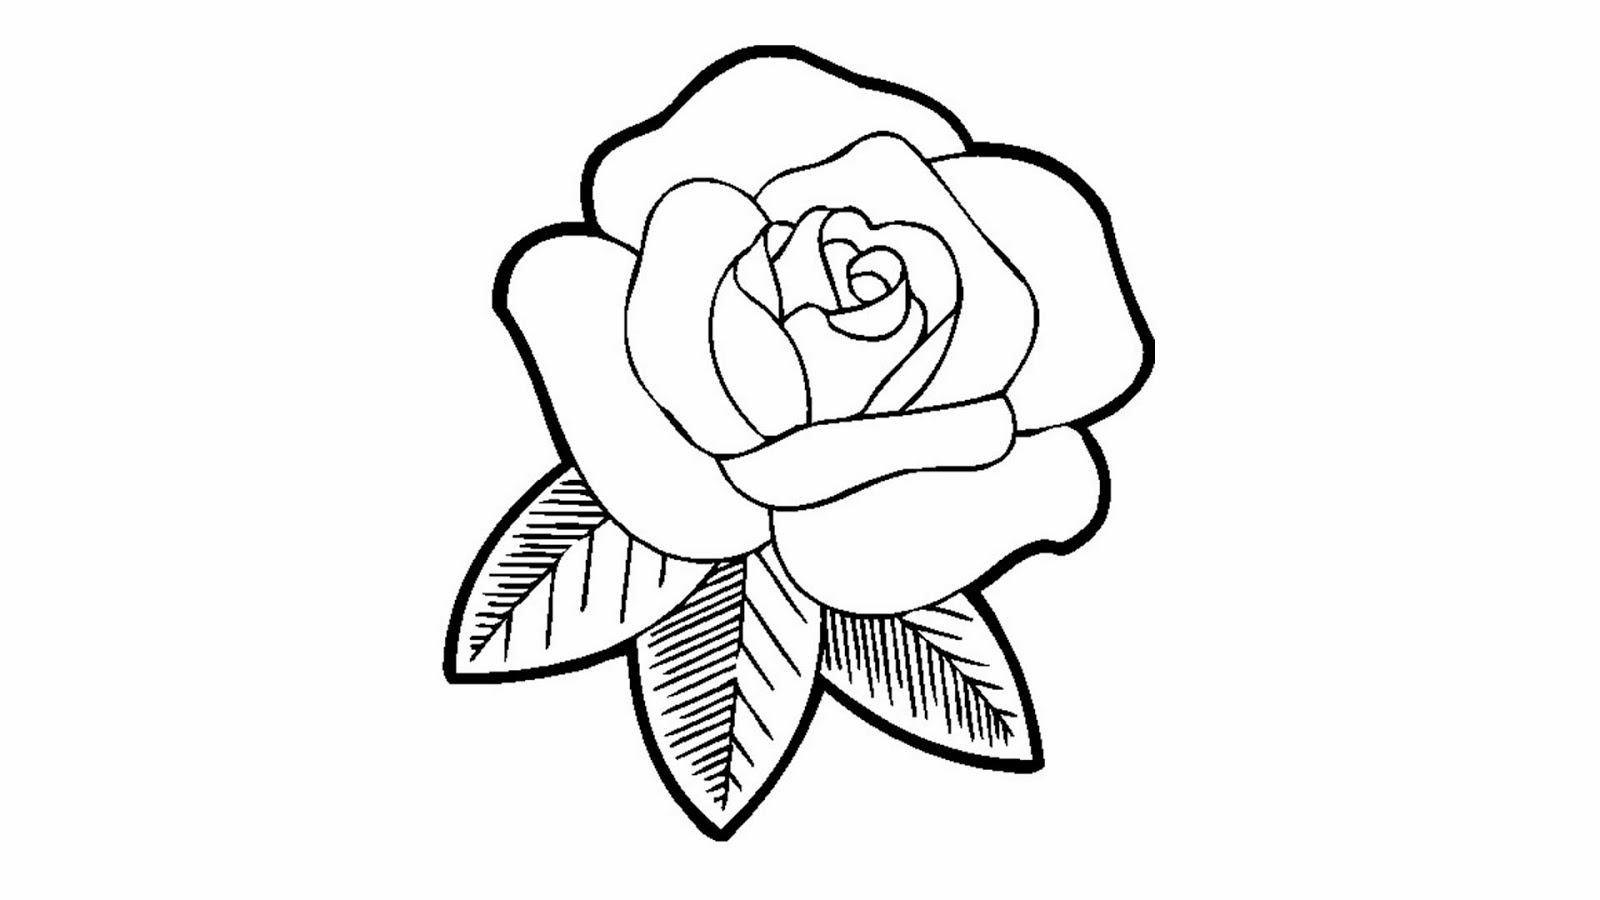 Открытка министру, картинки цветы распечатать на принтере